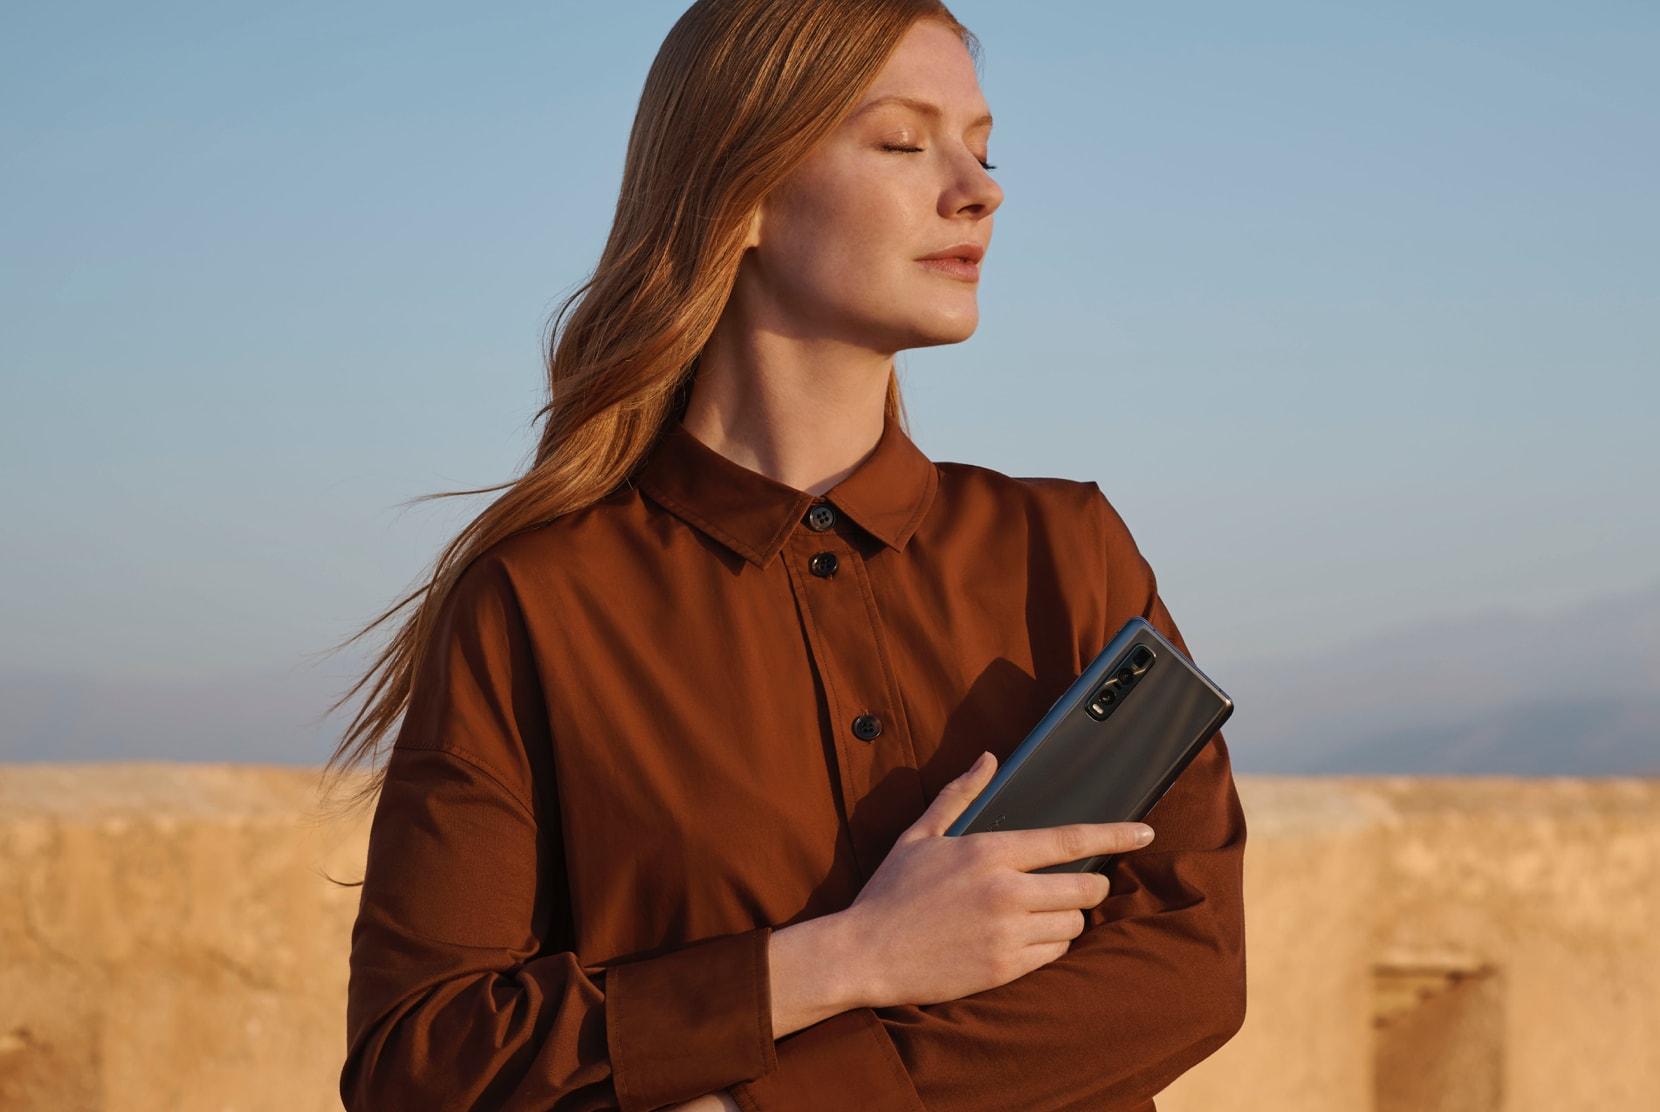 OPPO Find X3 Pro, el primer smartphone capaz de capturar y reproducir mil millones de colores, se presentará el 11 de marzo a nivel mundial